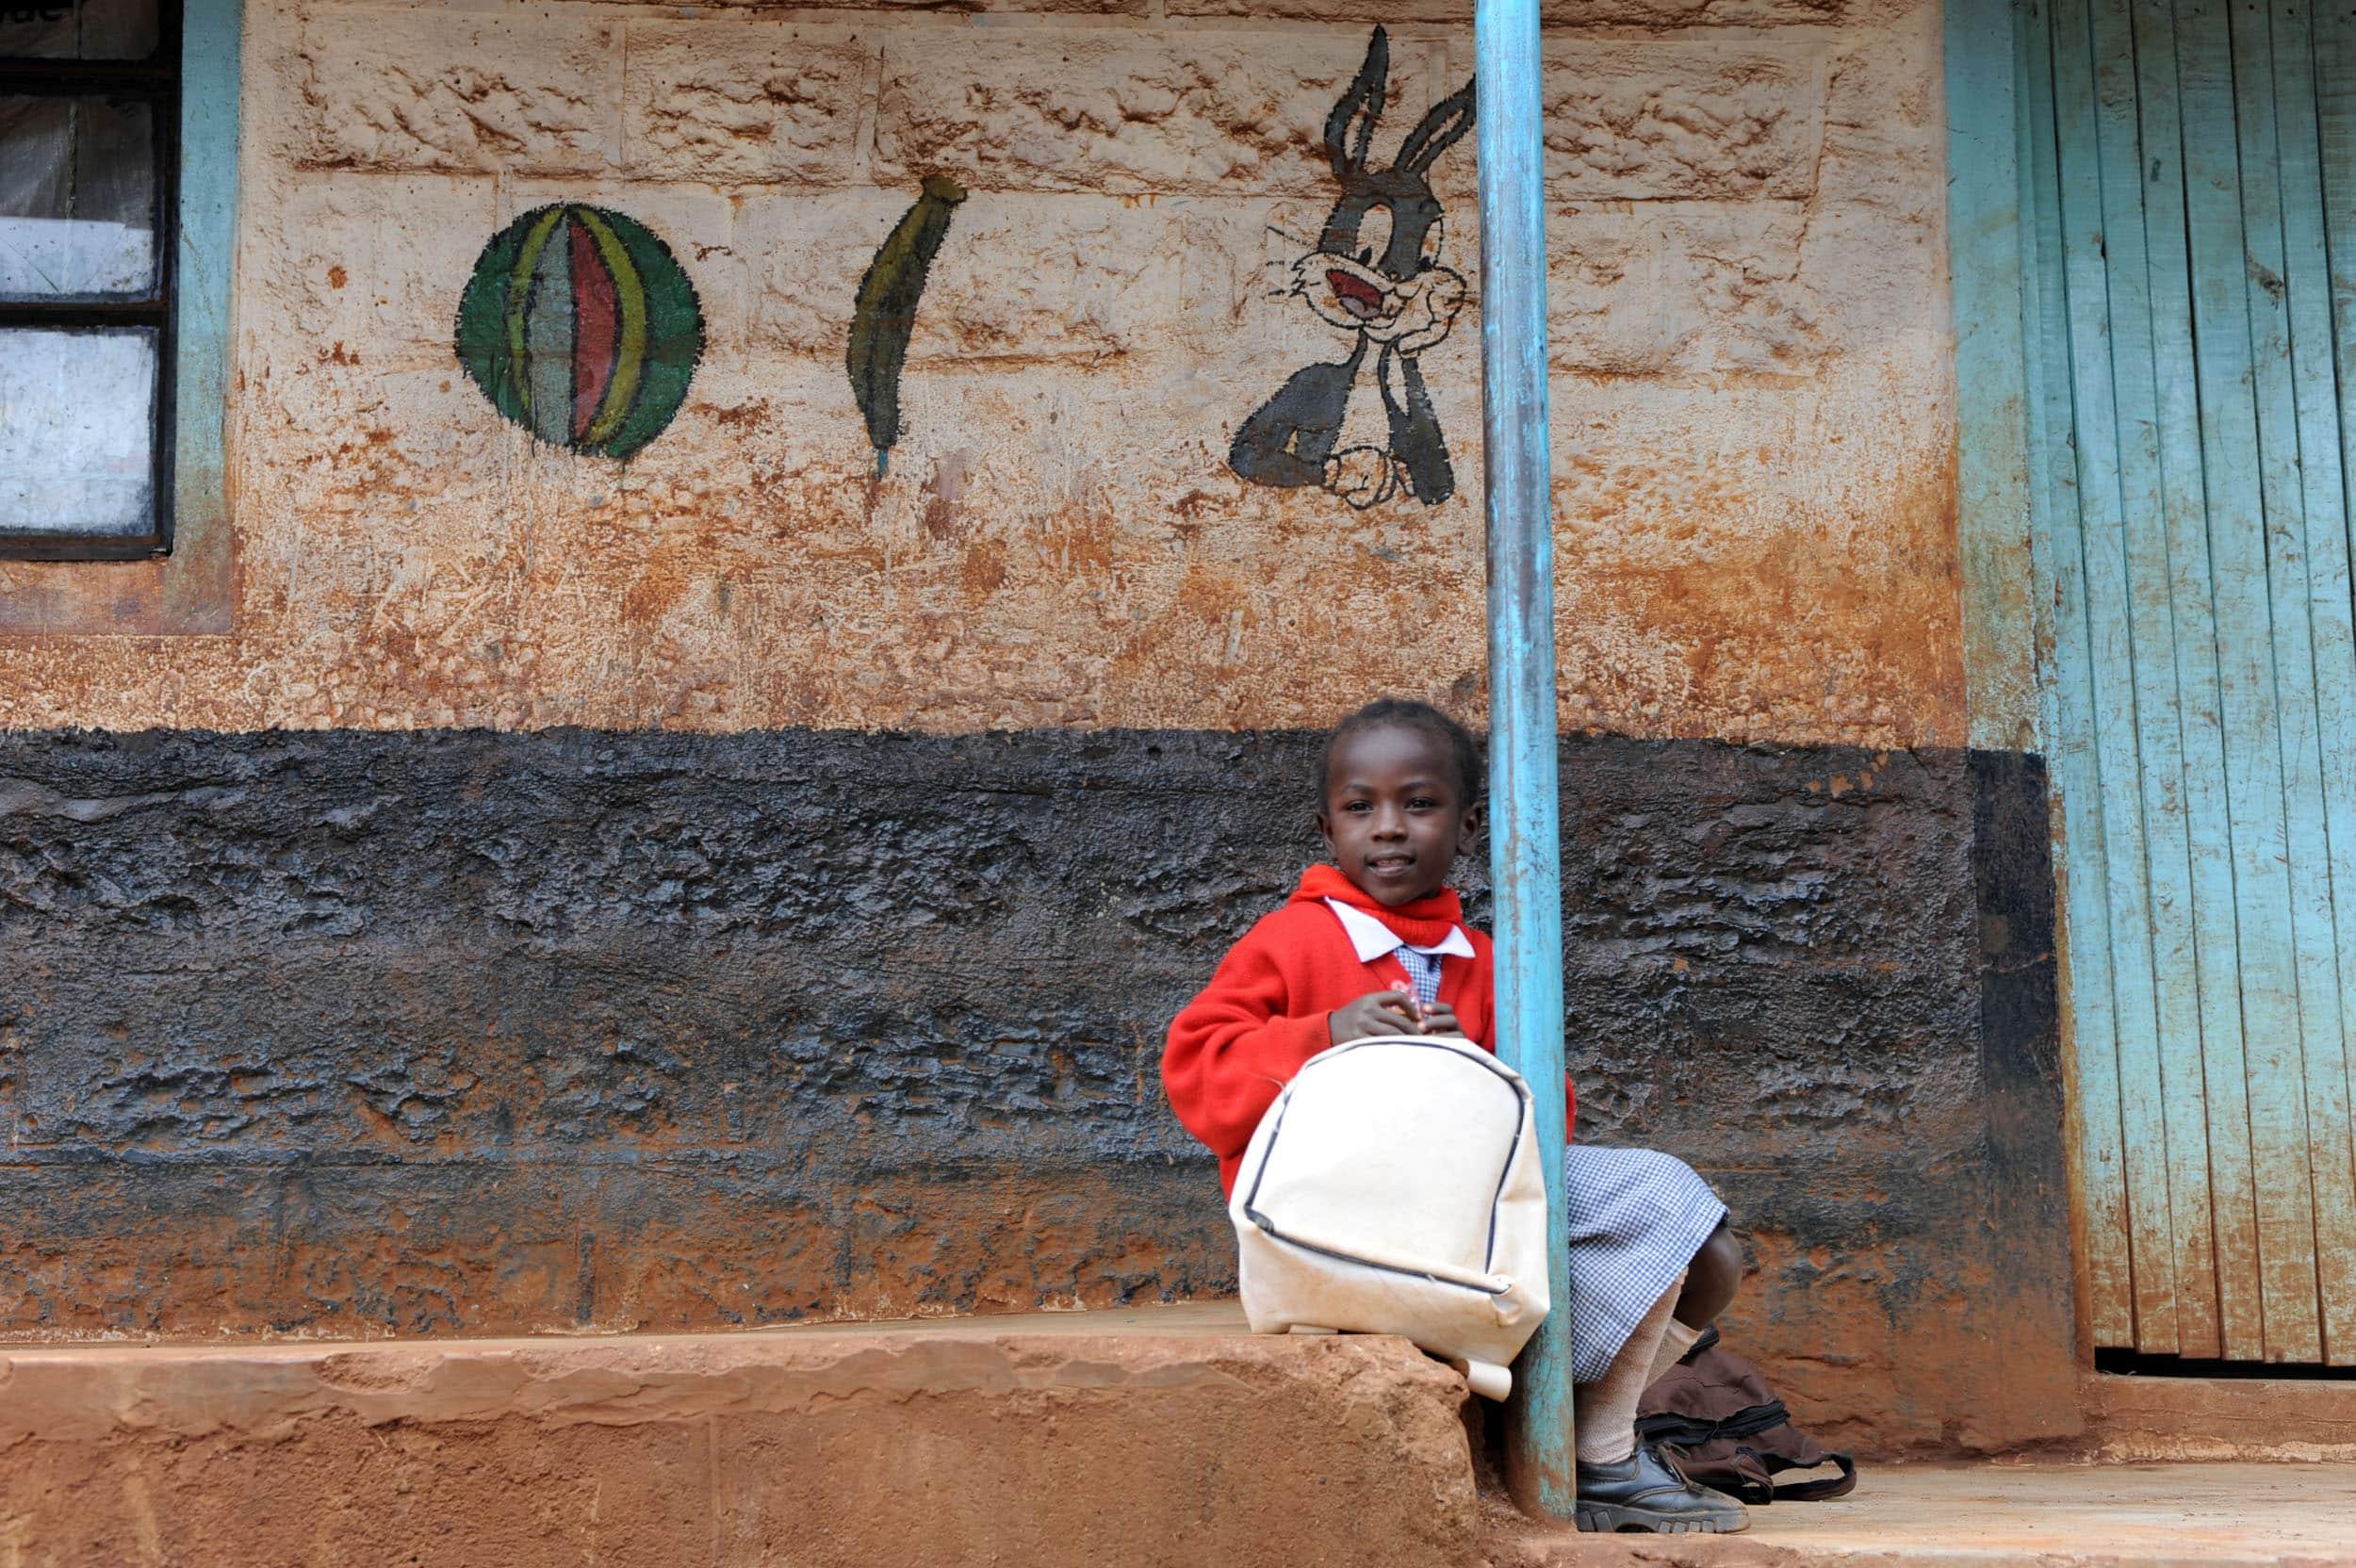 Proyecto para mejorar la formación profesional de jóvenes desfavorecidos